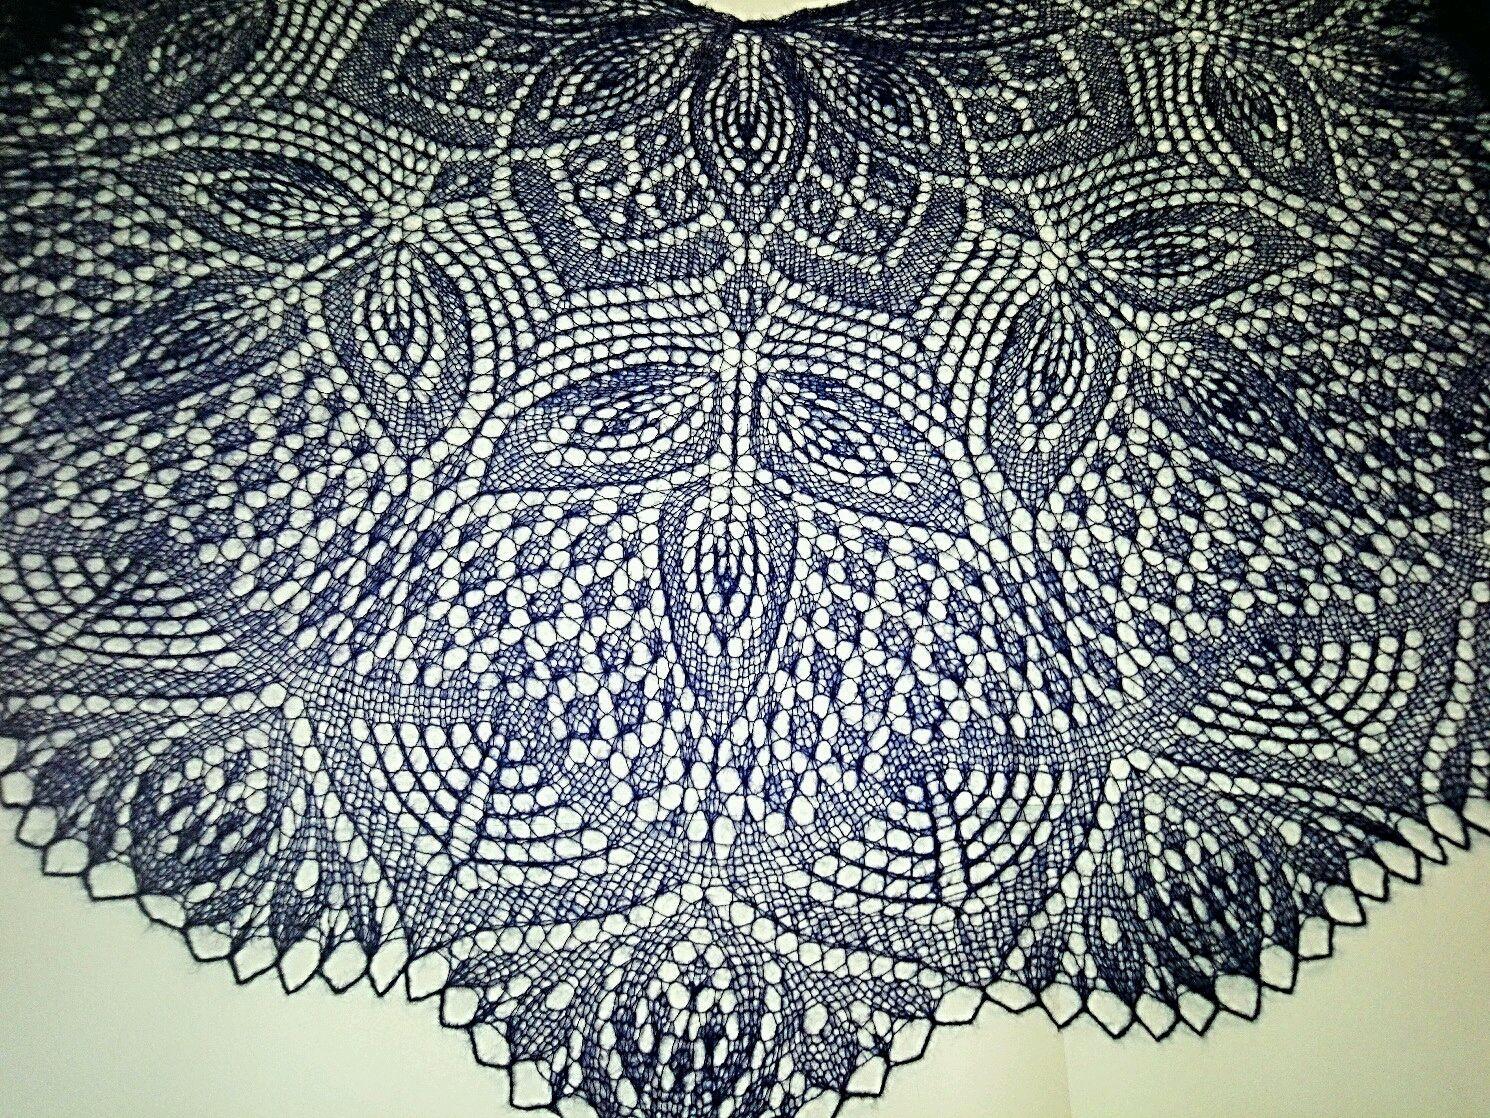 Шаль Клематис ,мохер на шёлке,тёмно синяя, Шали, Апатиты, Фото №1